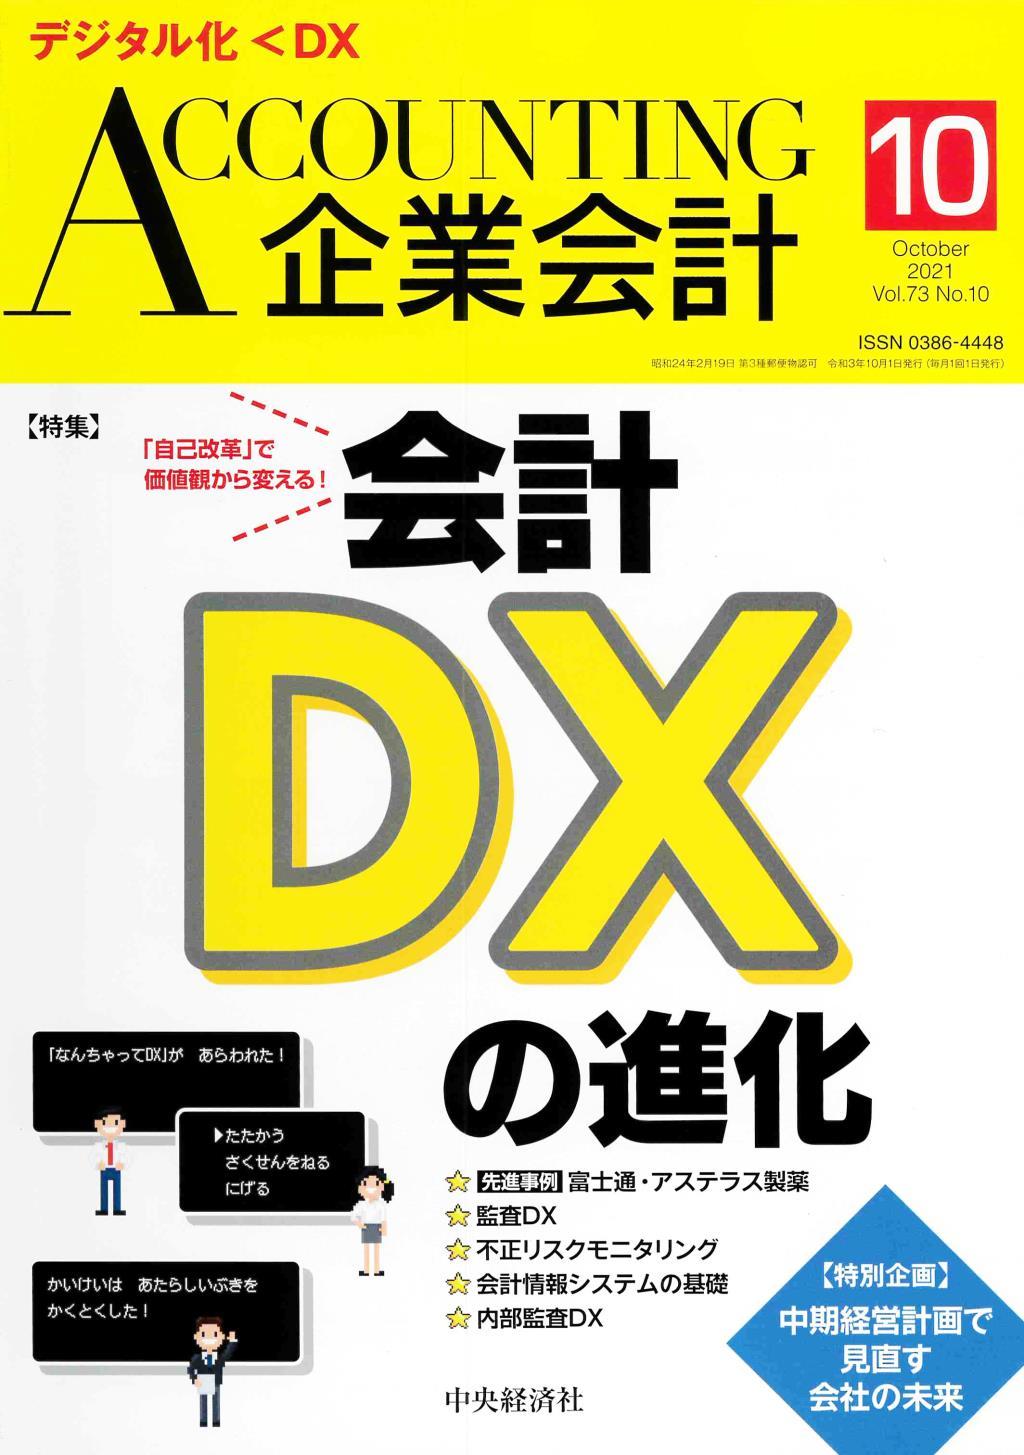 企業会計10月号 2021/Vol.73/No.10